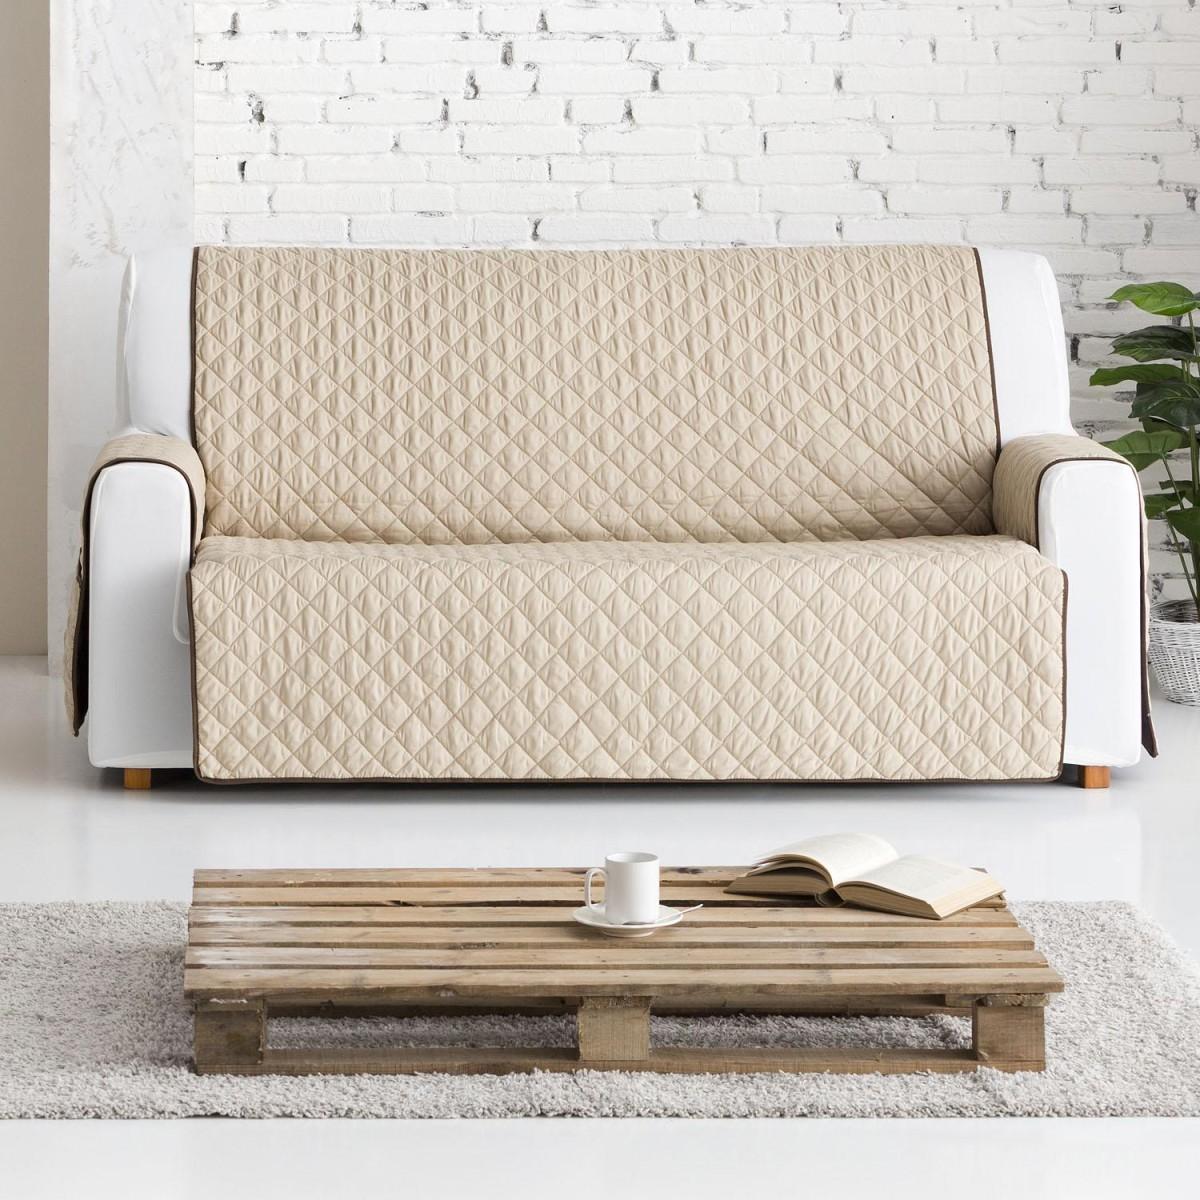 Funda para sof reversible dual quilt eysa - Telas para fundas de sofa ...